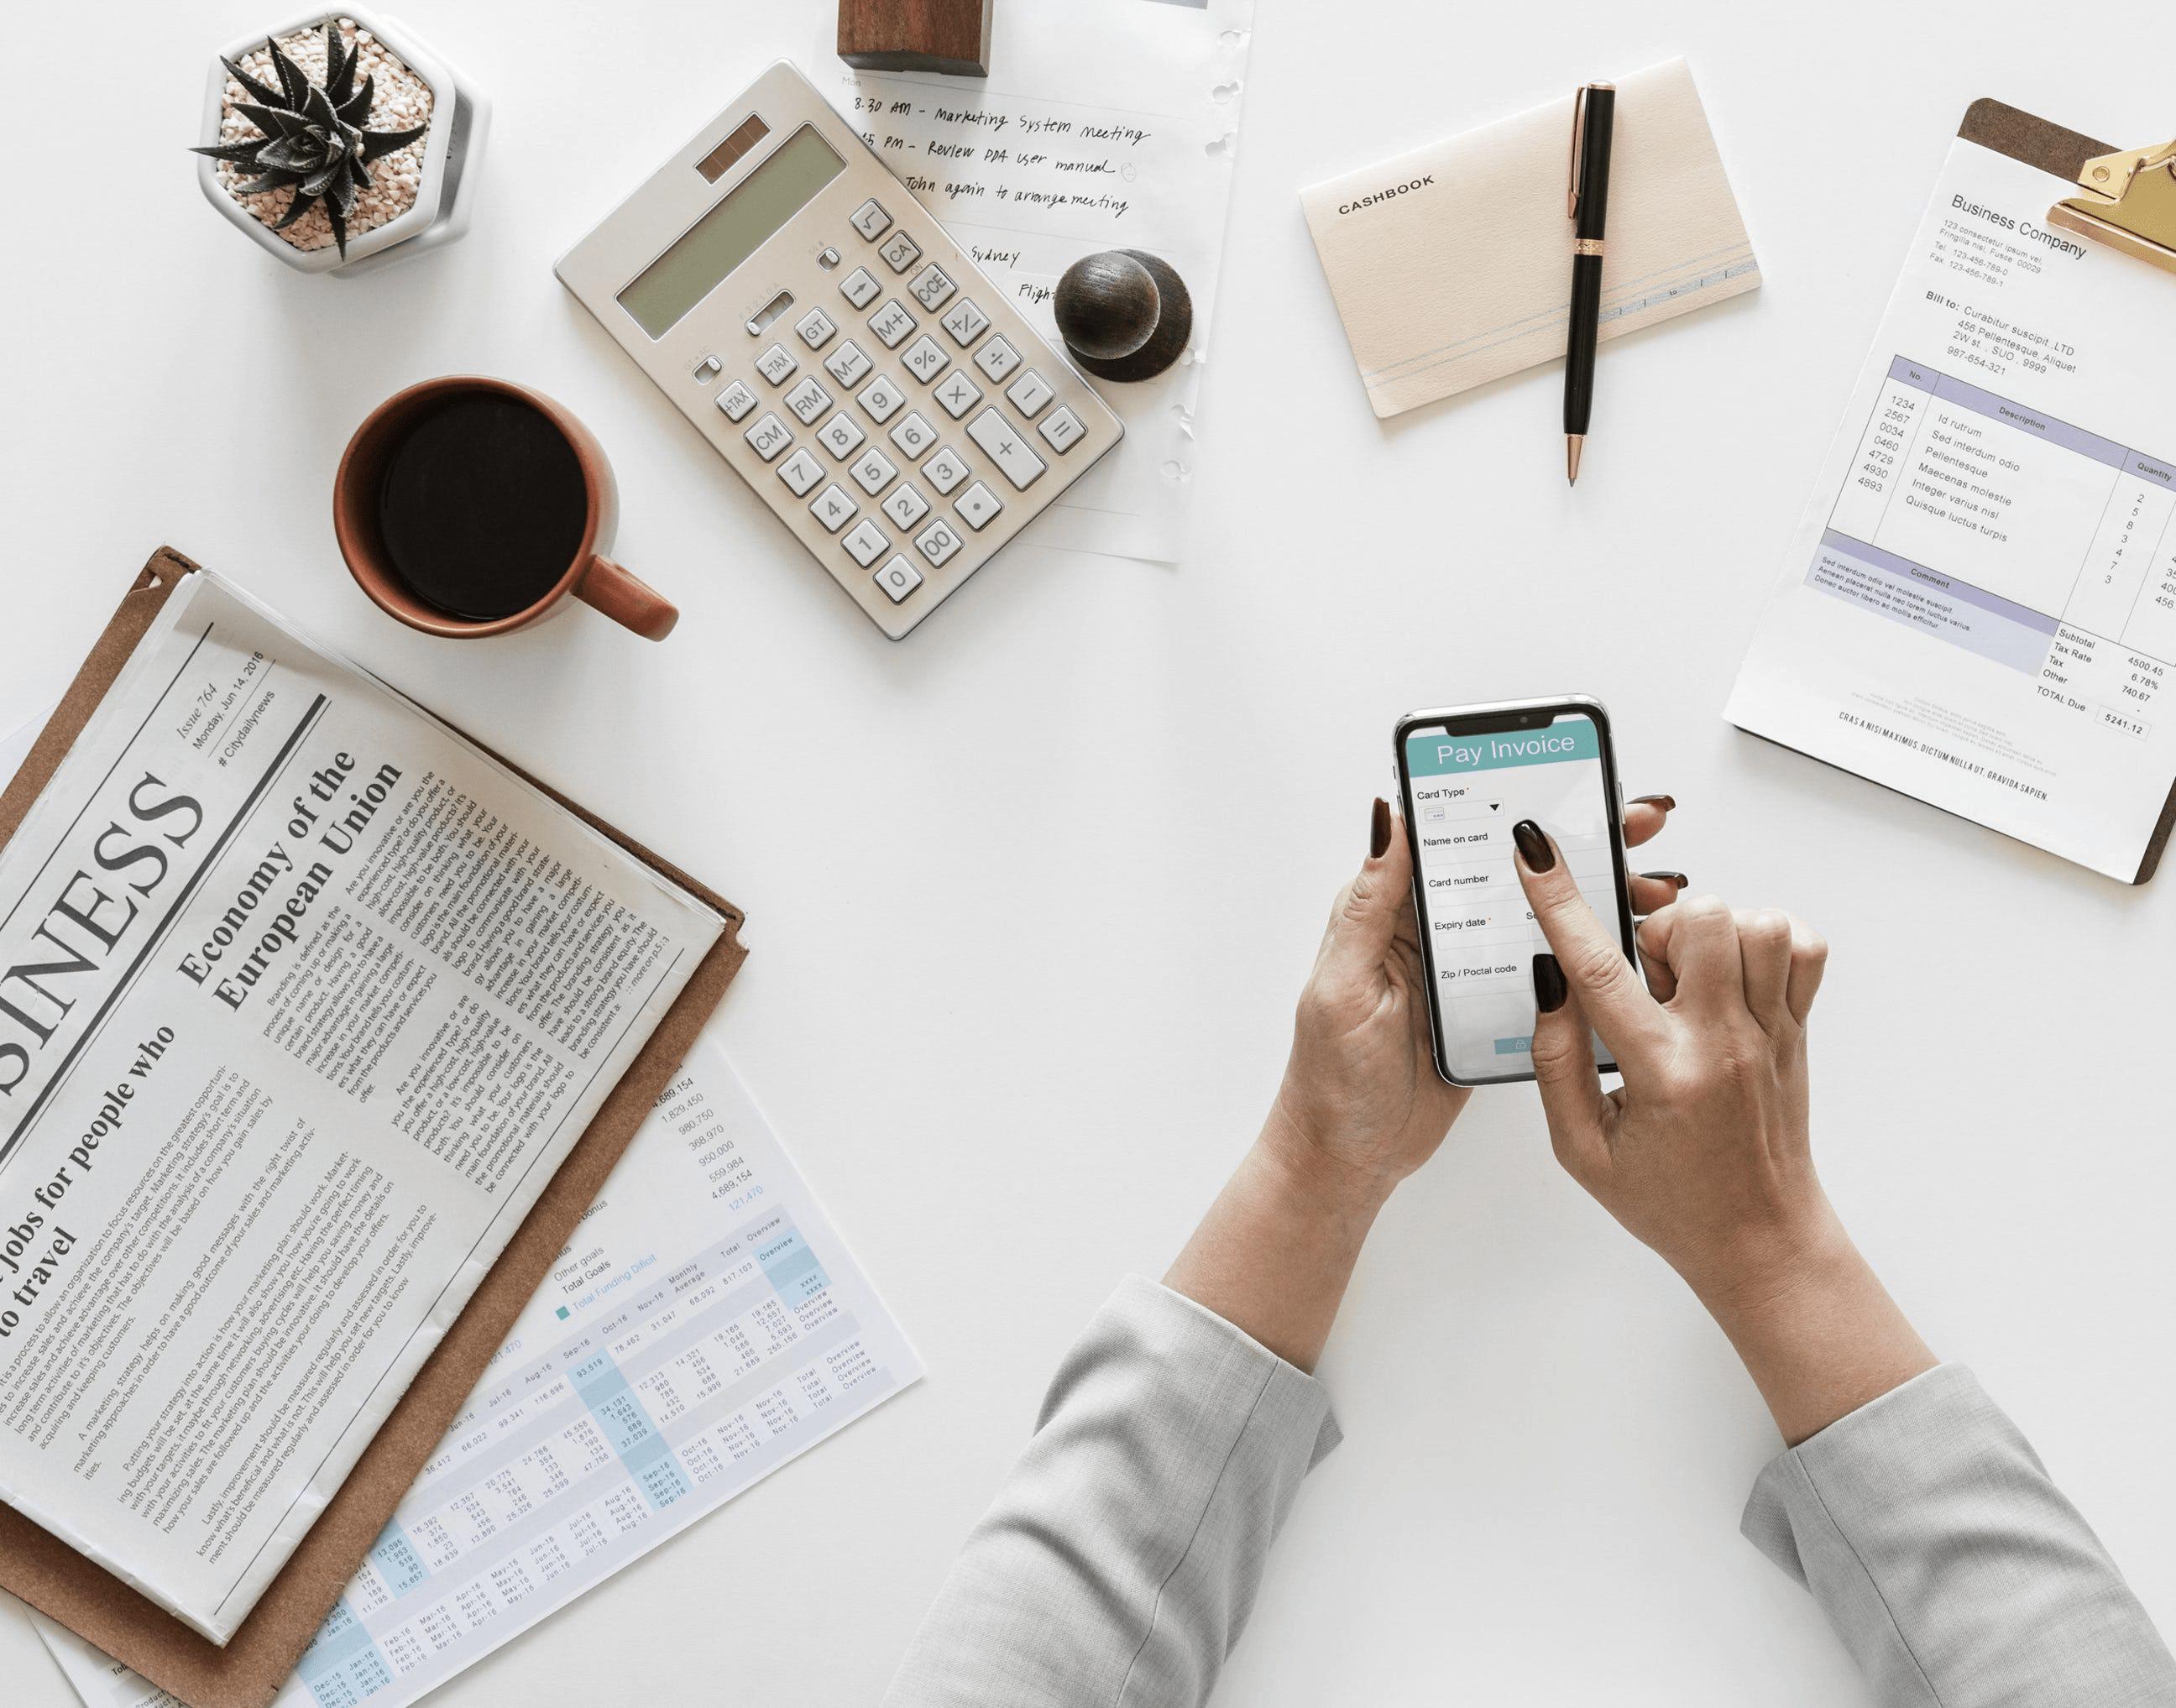 Các App quản lý thẻ tín dụng chính xác, hiệu quả nhất hiện nay